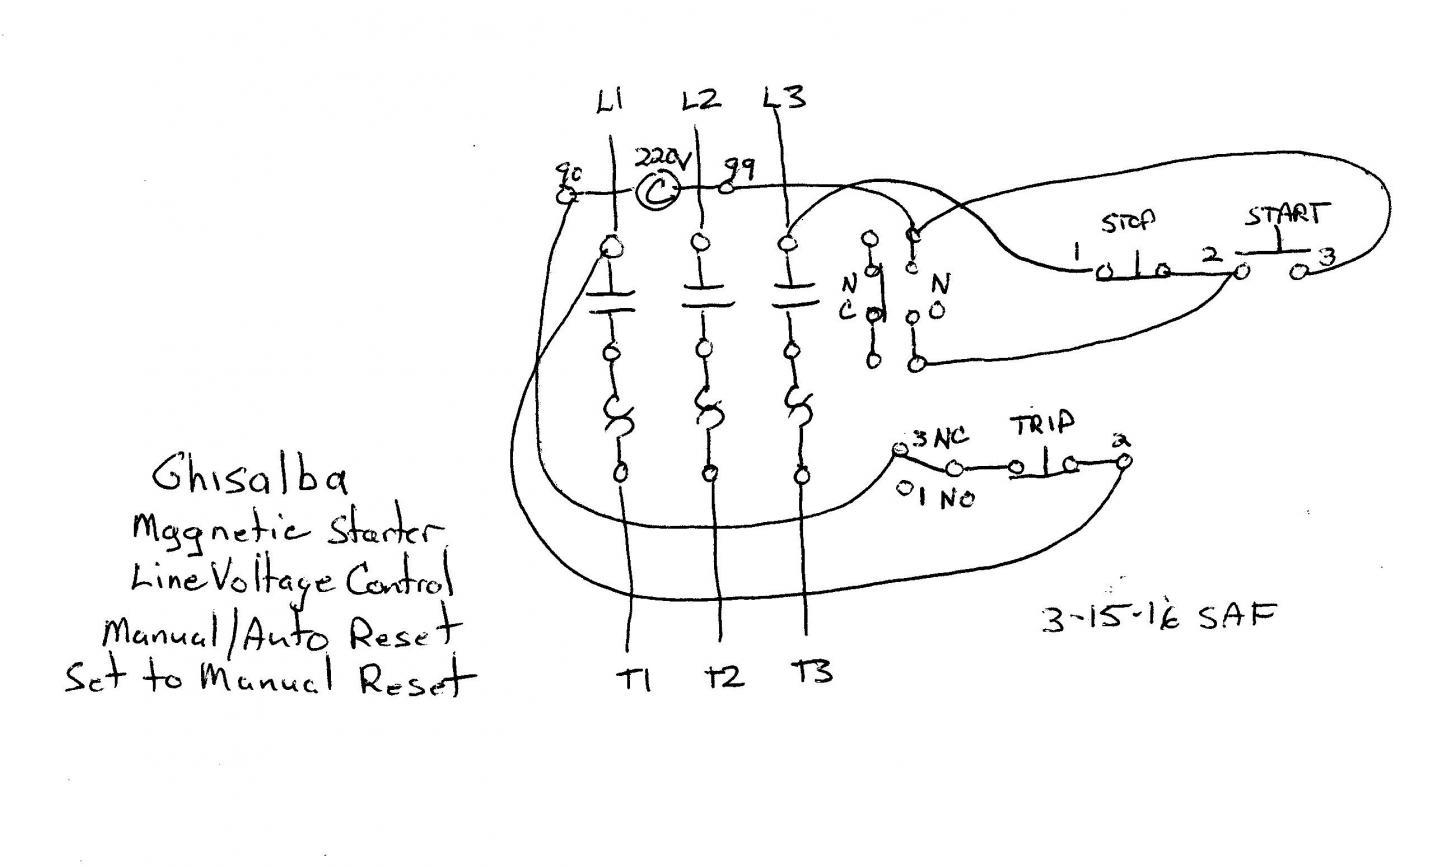 Furnas 3 Phase Motor Starter Wiring Diagram